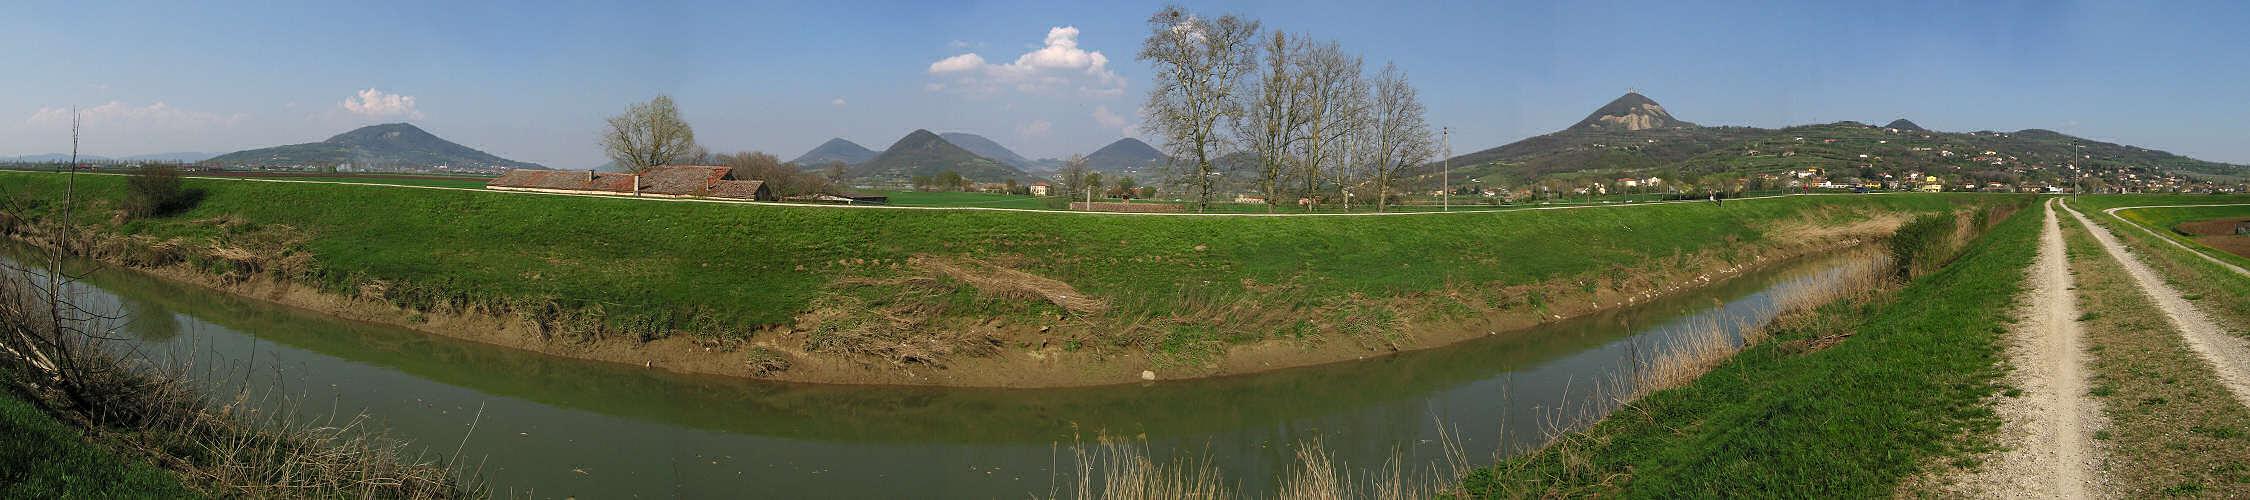 Argine fiume Frassine Guà